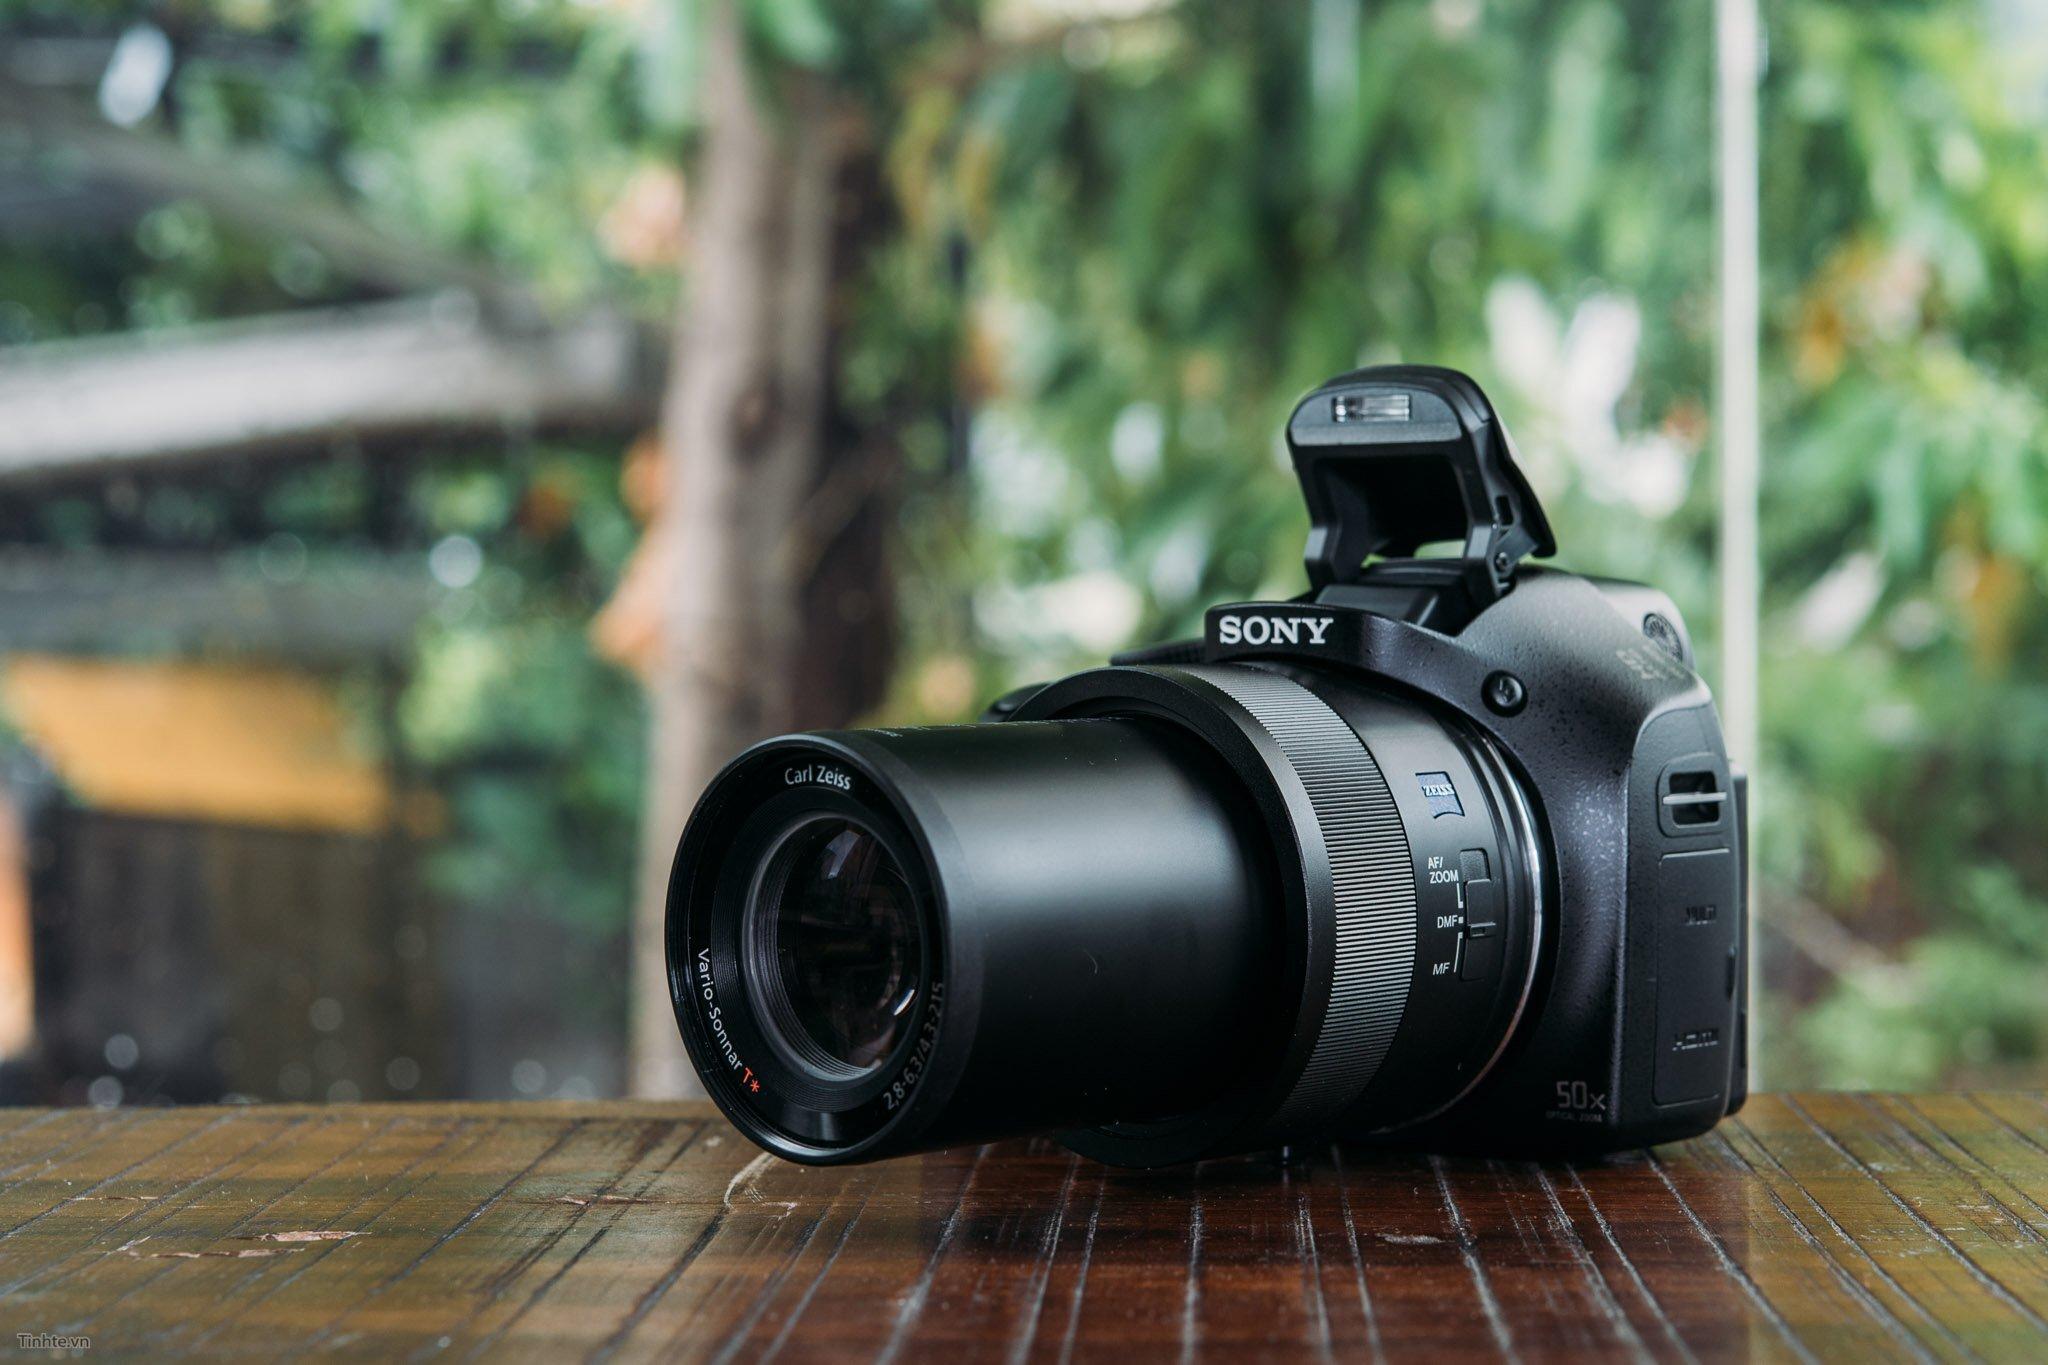 Máy ảnh du lịch giá rẻ Compact Sony Cyber-shot DSC-H400